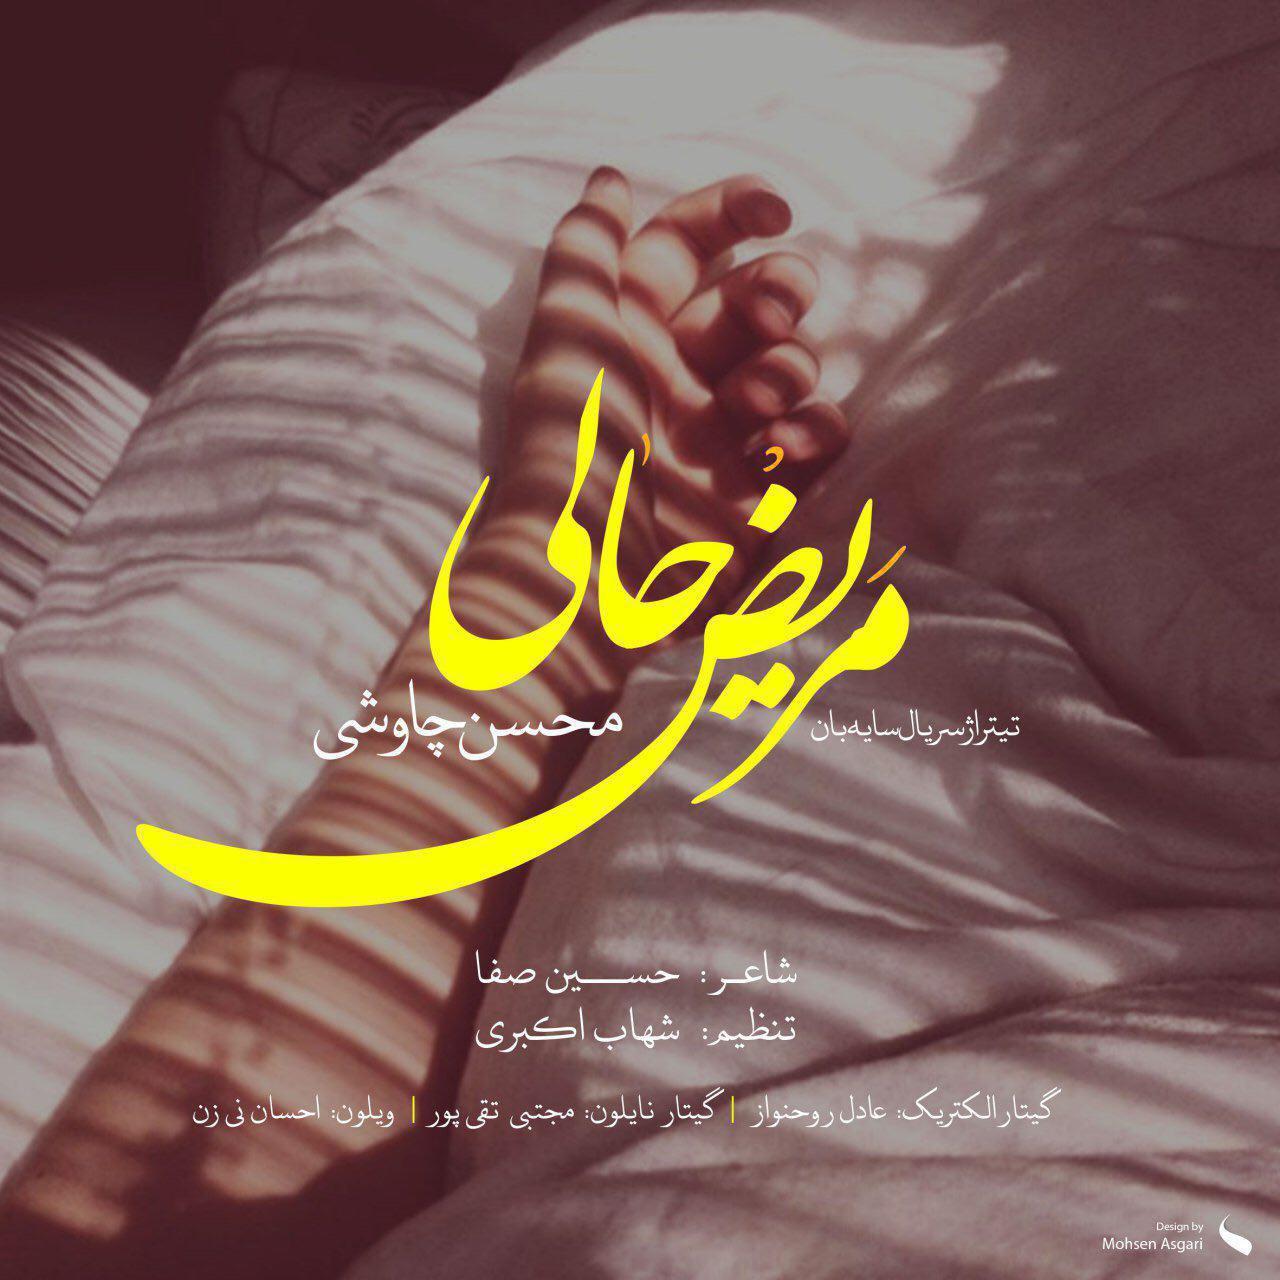 دانلود آهنگ جدید محسن چاوشی به نام مریض حالی